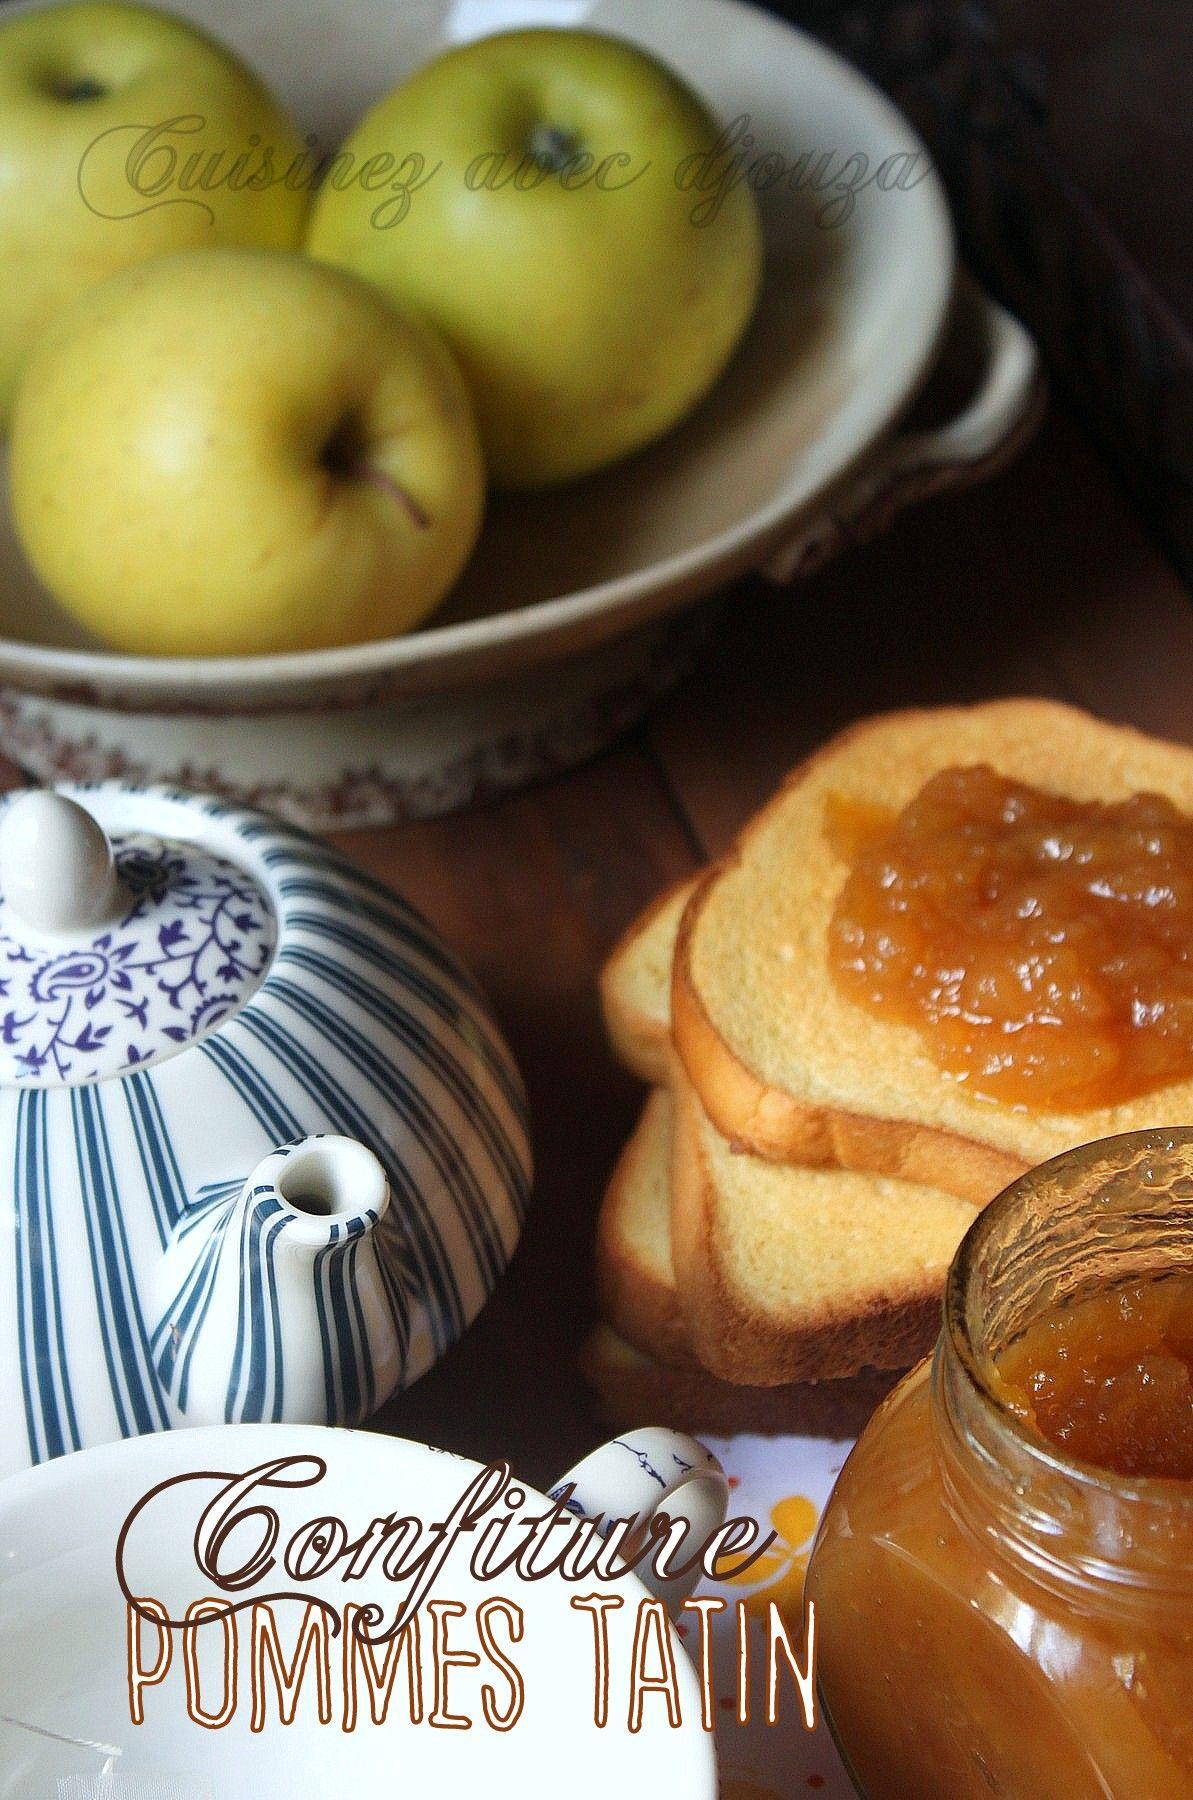 Confiture de pommes fa on tatin facile recette recettes desserts recipe images et recipes - Cuisine 100 facons thermomix ...